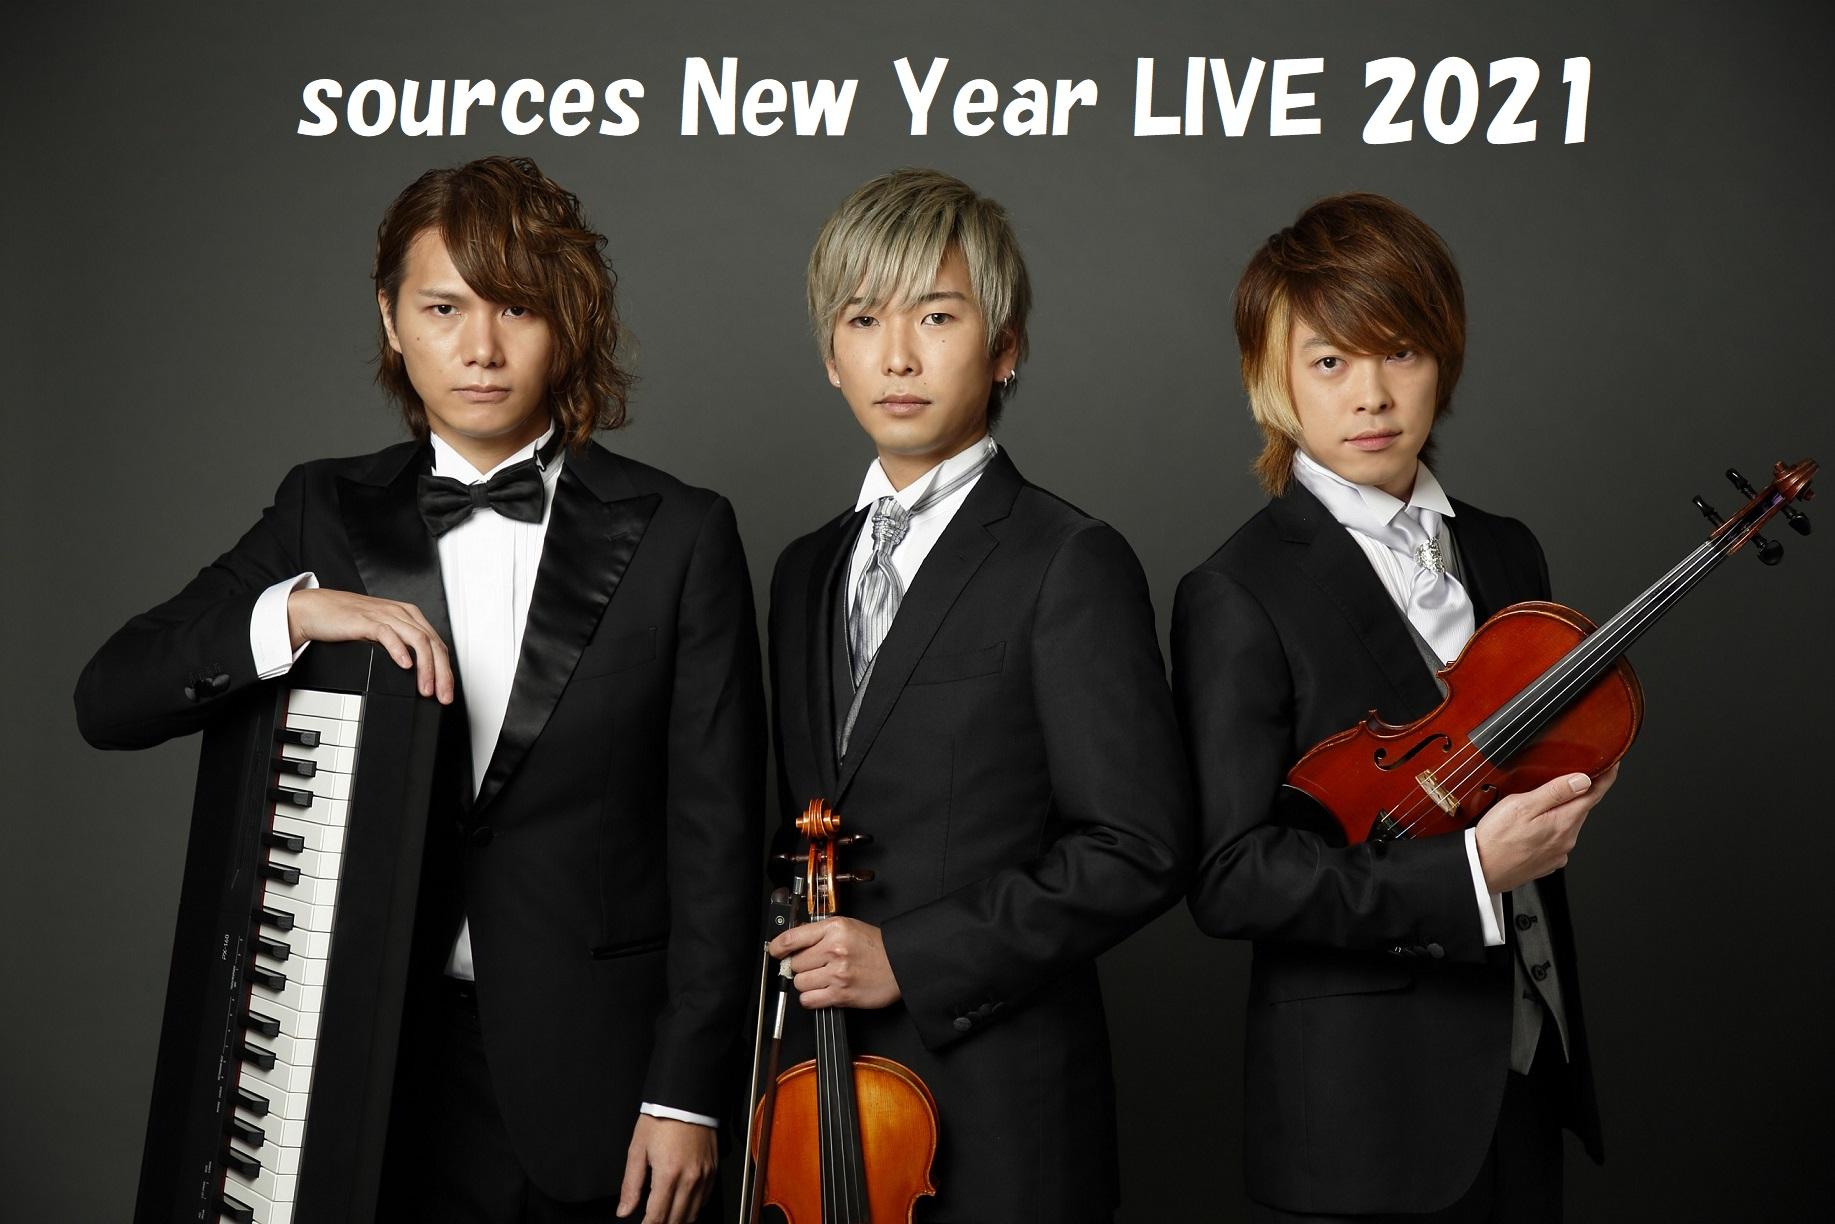 【入場チケット】sources New Year LIVE 2021